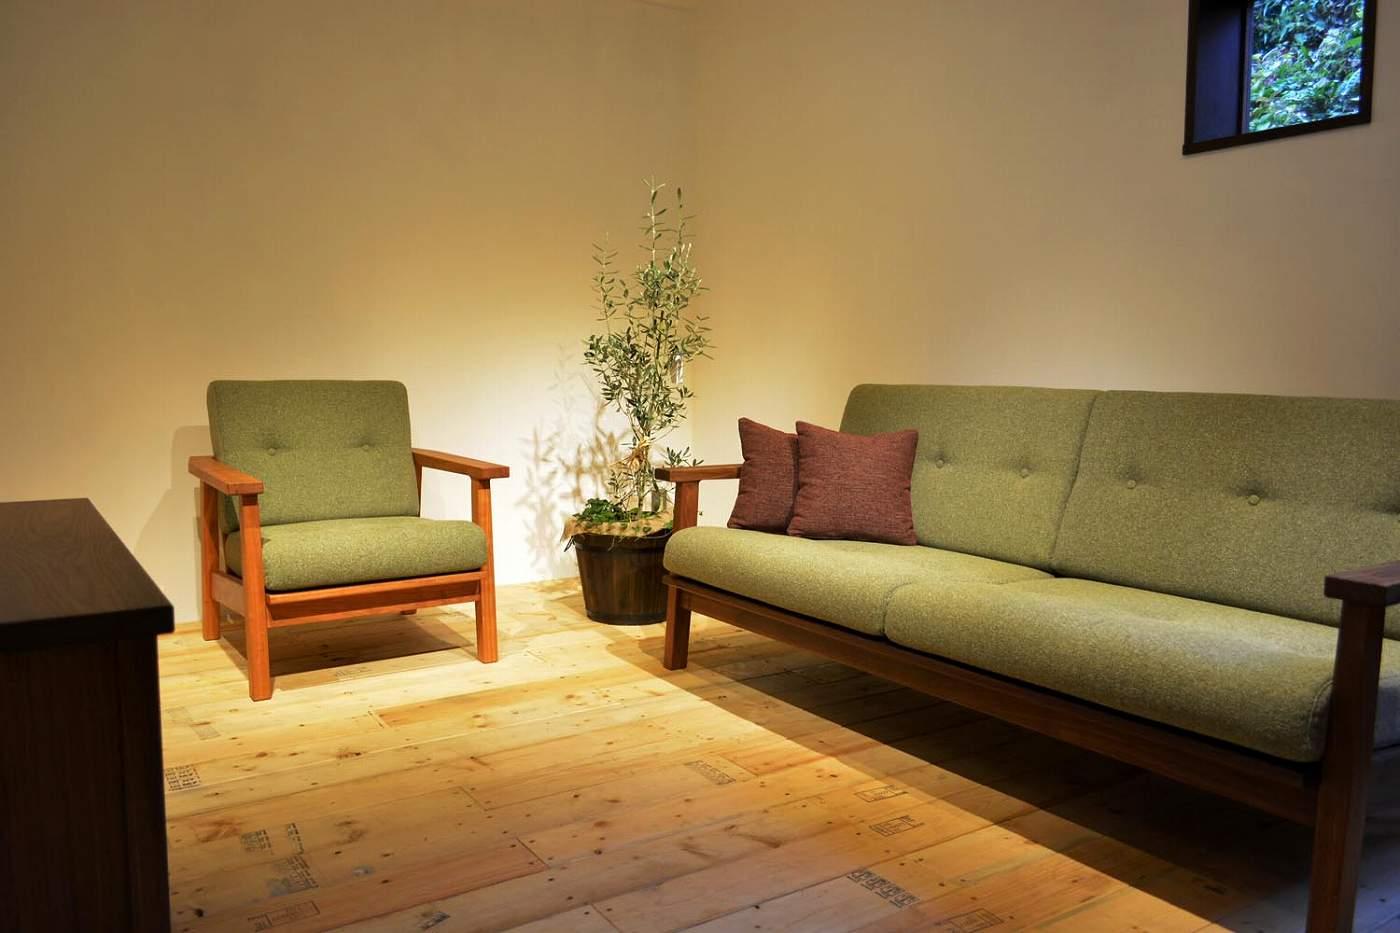 気になるコーディネートシーン画像(ナチュラルリビング376|Block Atelier furniture(ブロックアトリエファニチャー))